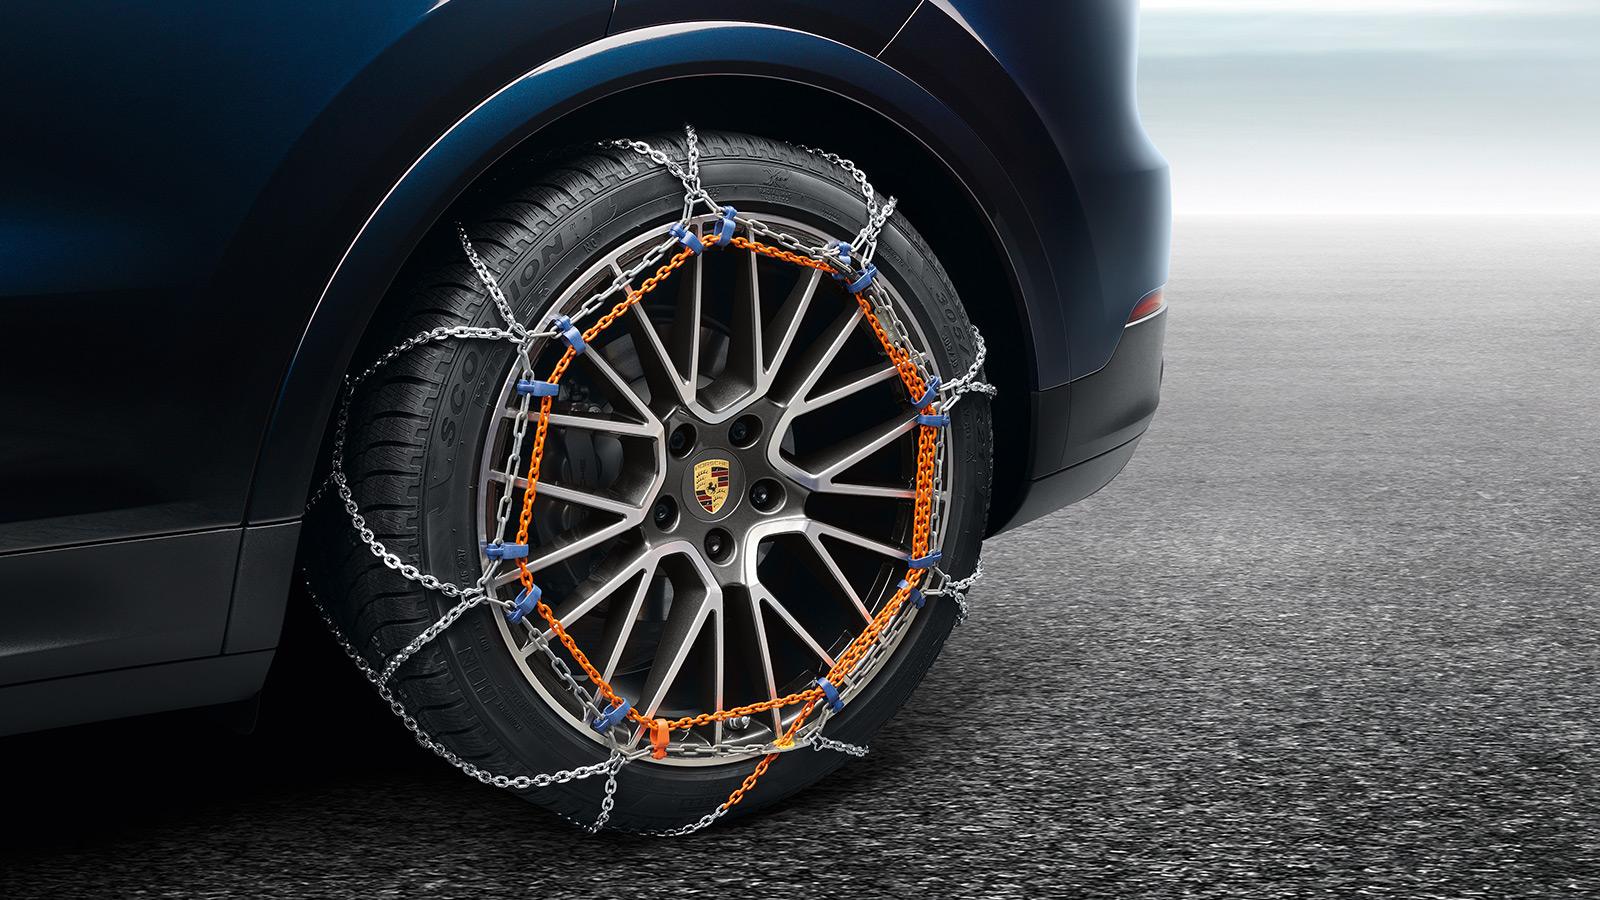 Porsche - Колеса и аксессуары для них